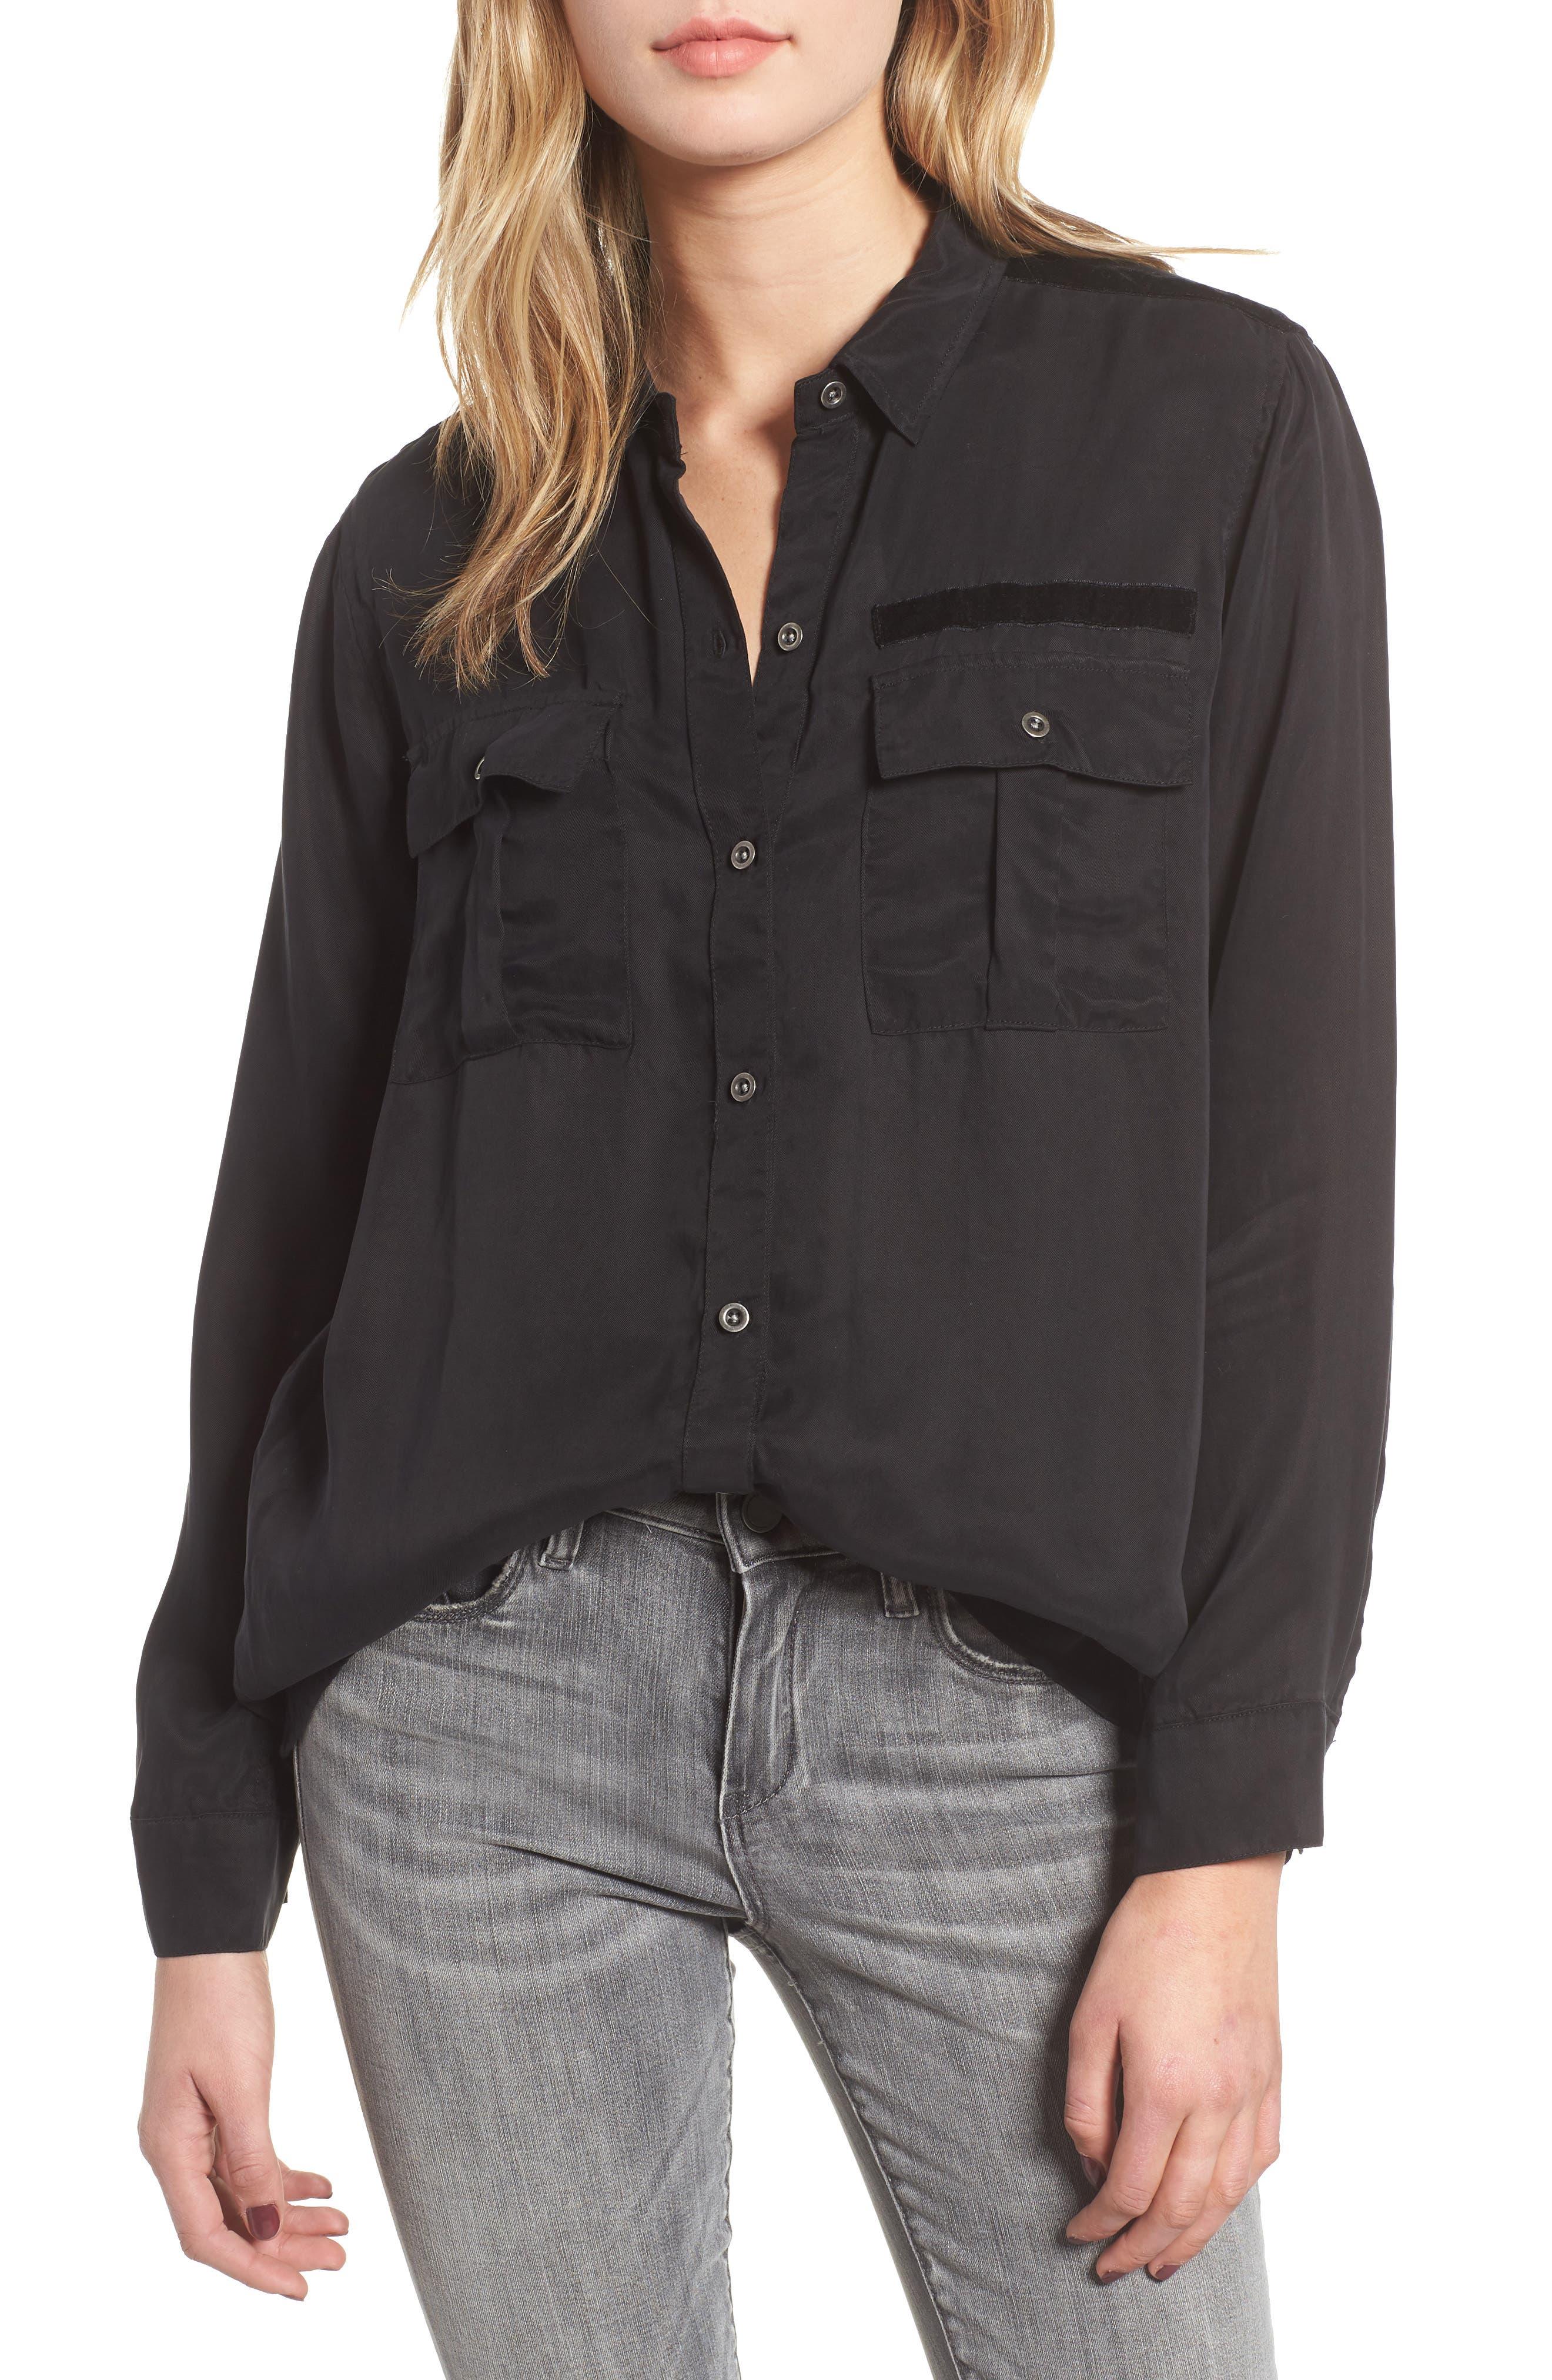 Kent Button Up Blouse,                         Main,                         color, BLACK